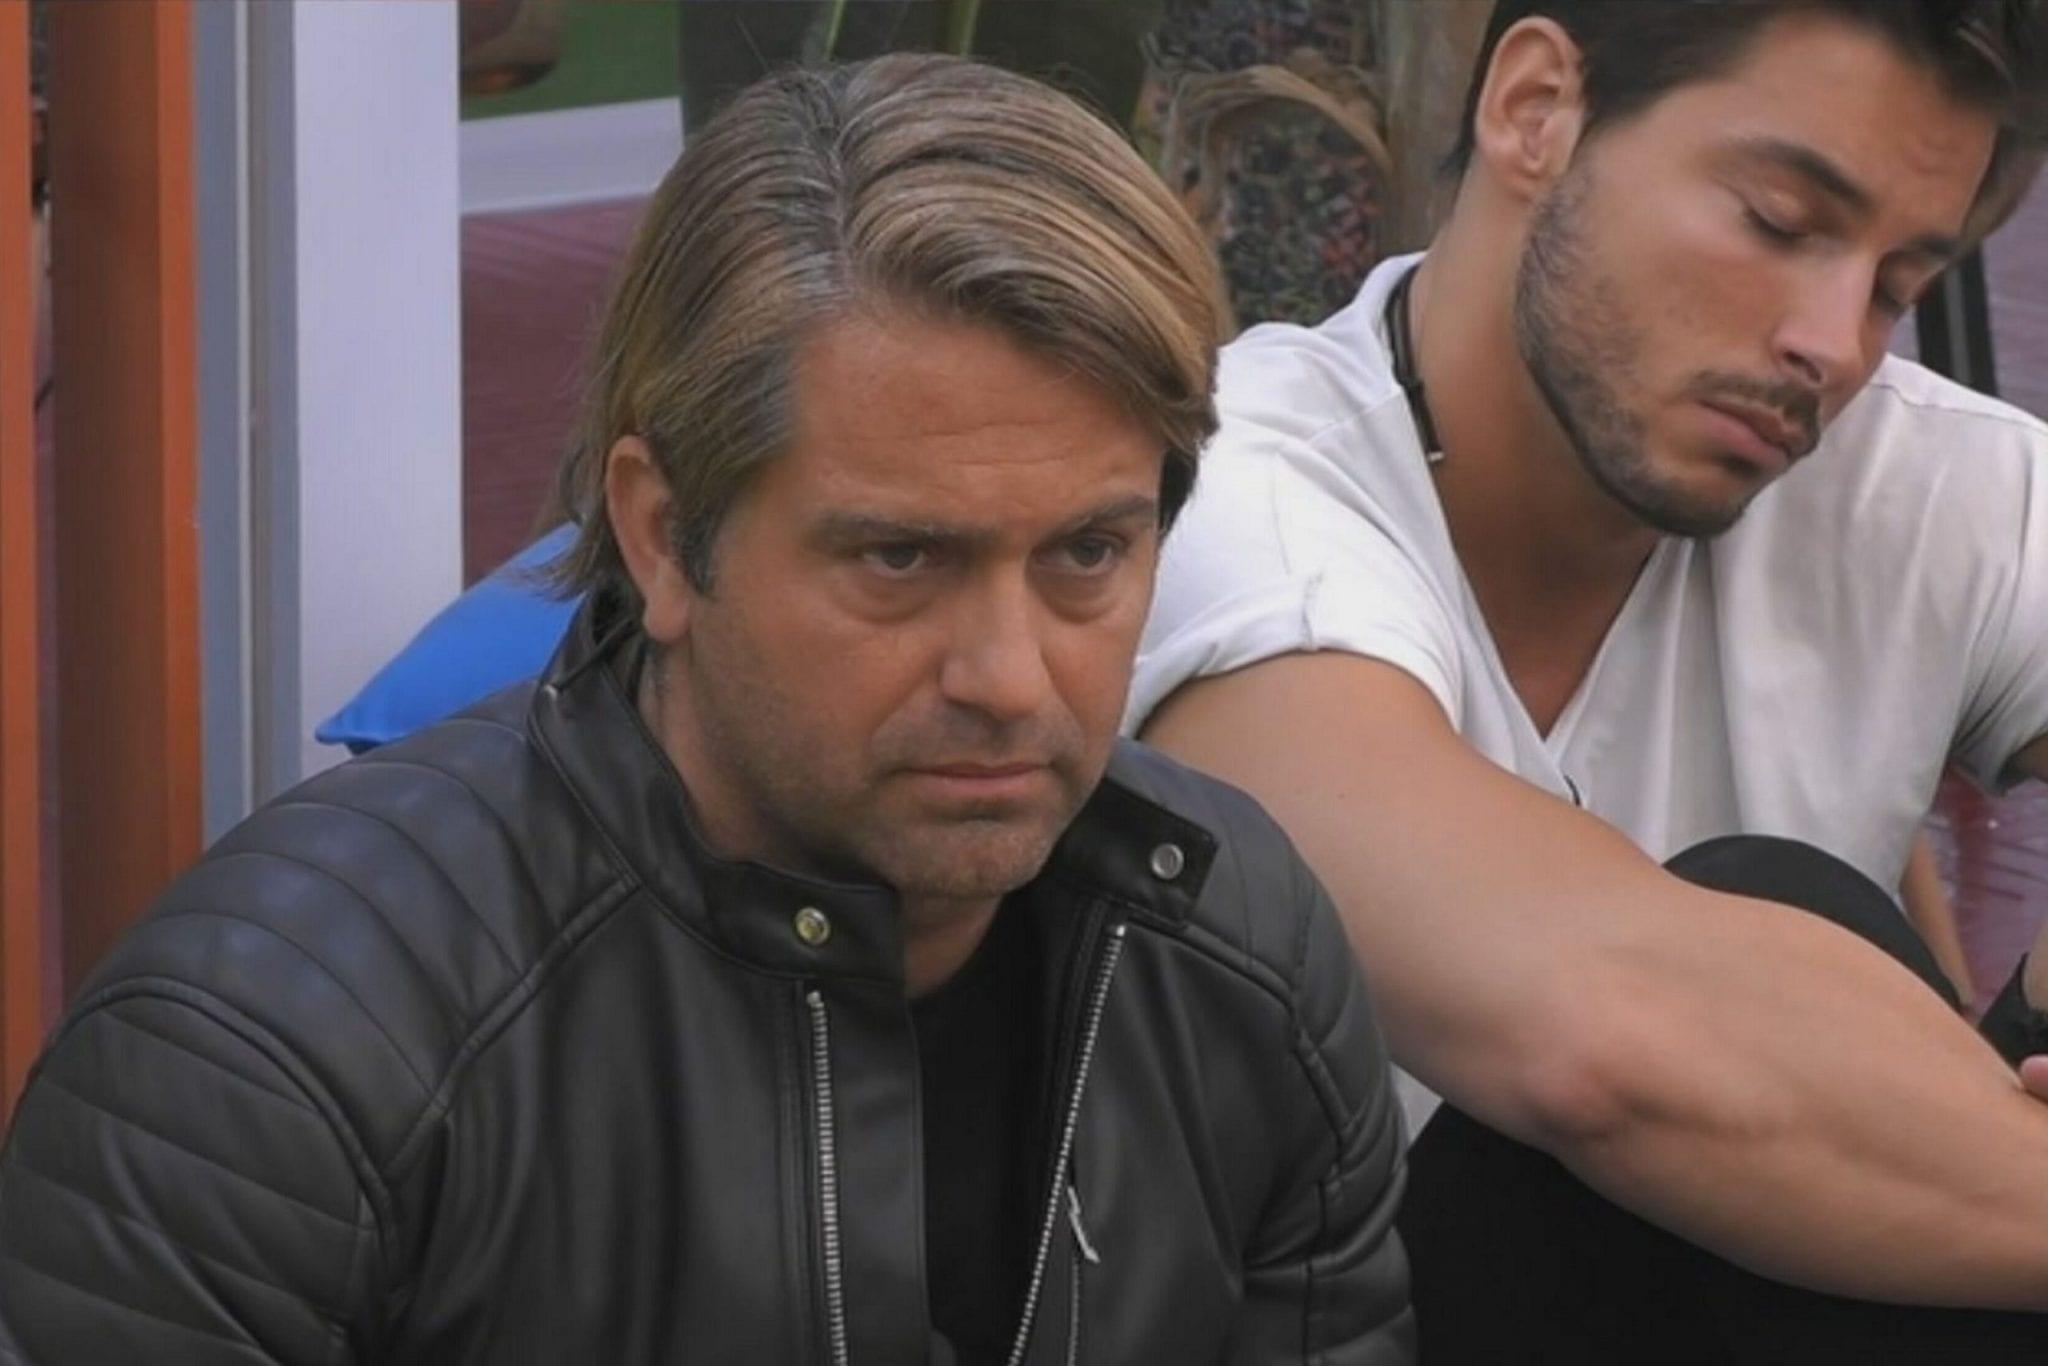 Live mercoledì 8 aprile 2020: GFVip 4 ultima puntata, con Alfonso Signorini, in prima serata su Canale5. Prodotto da Endemol Shine